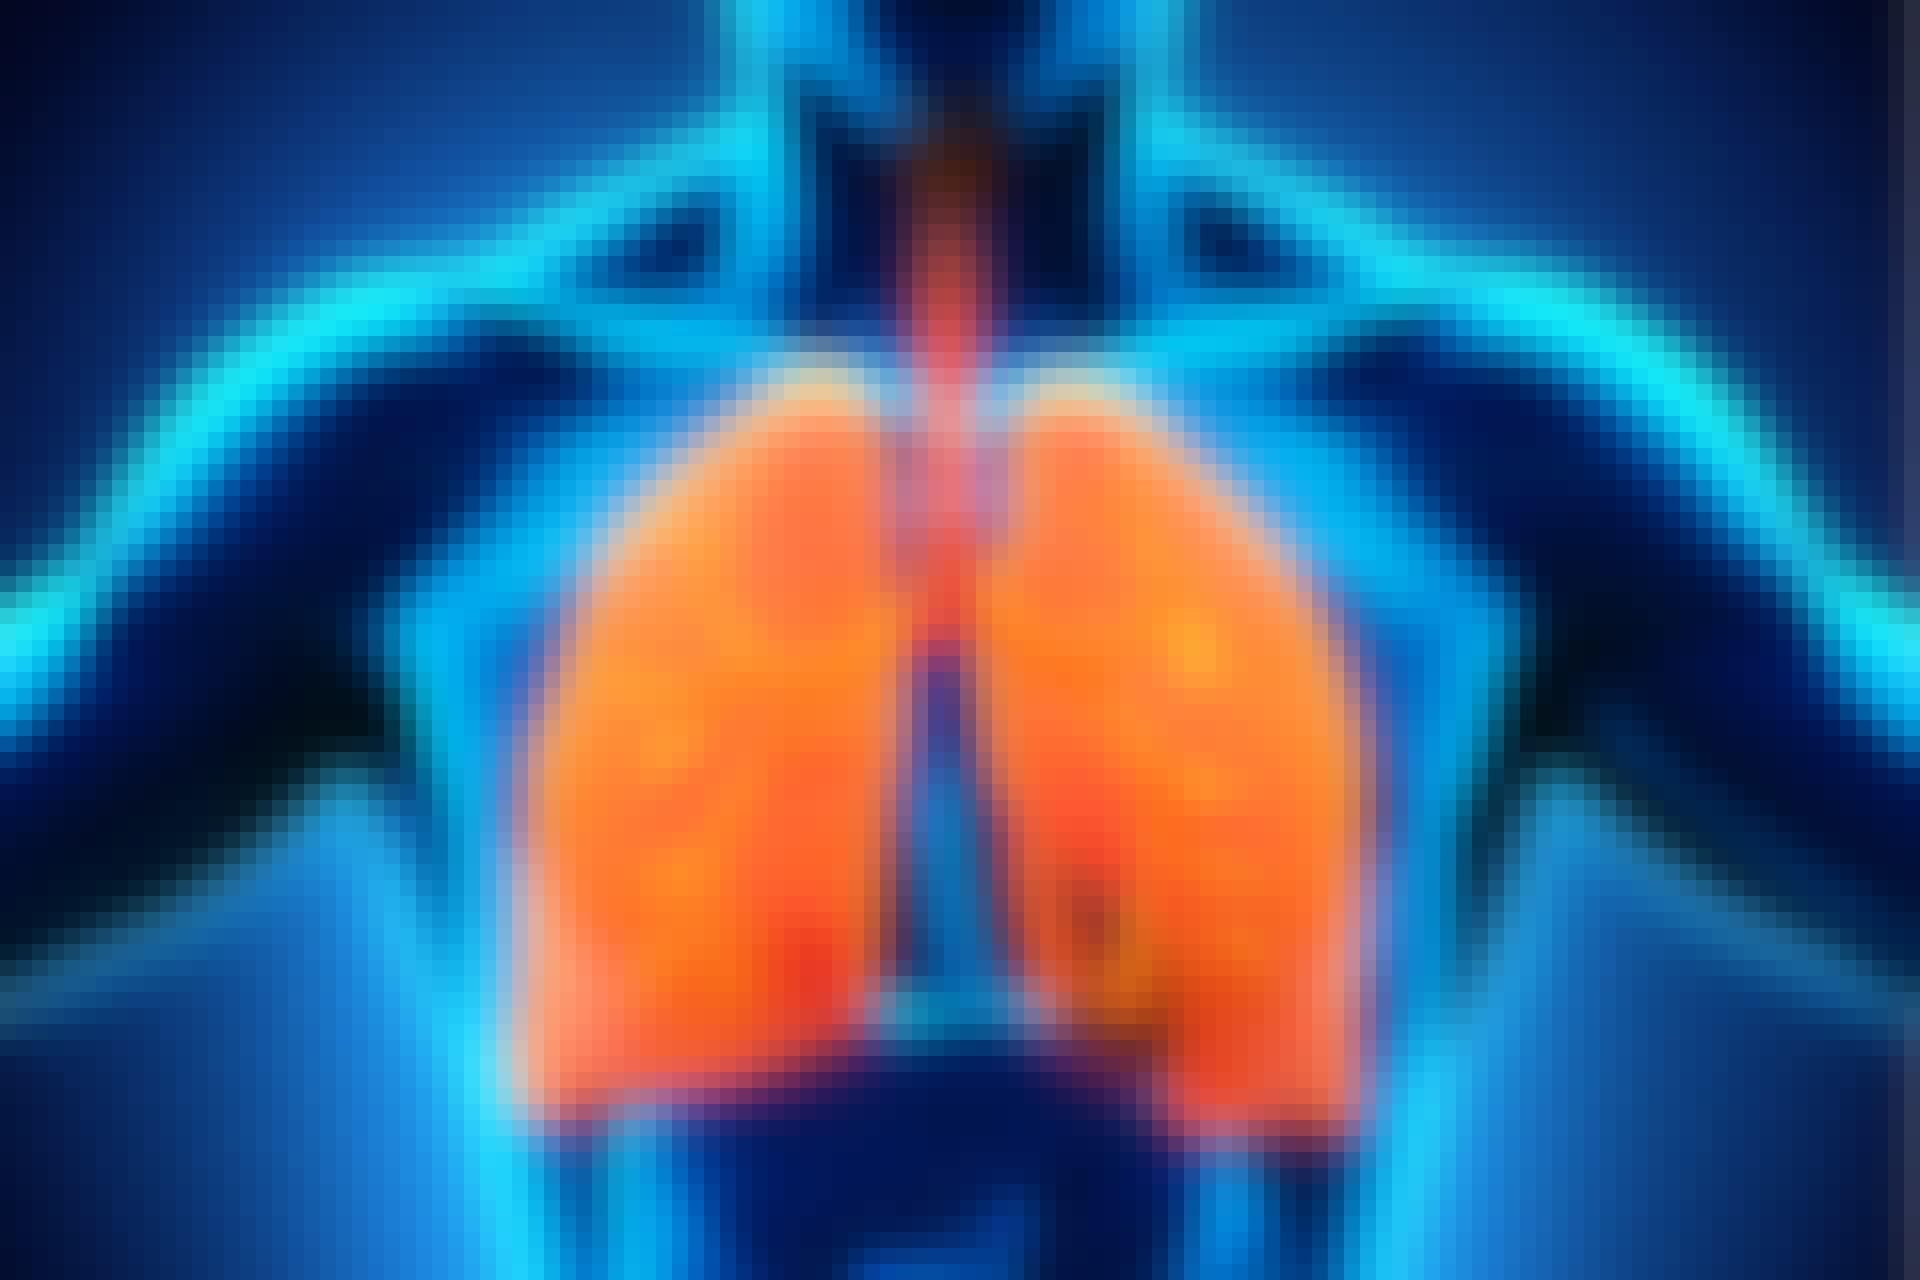 Onko keuhkojen koolla väliä?